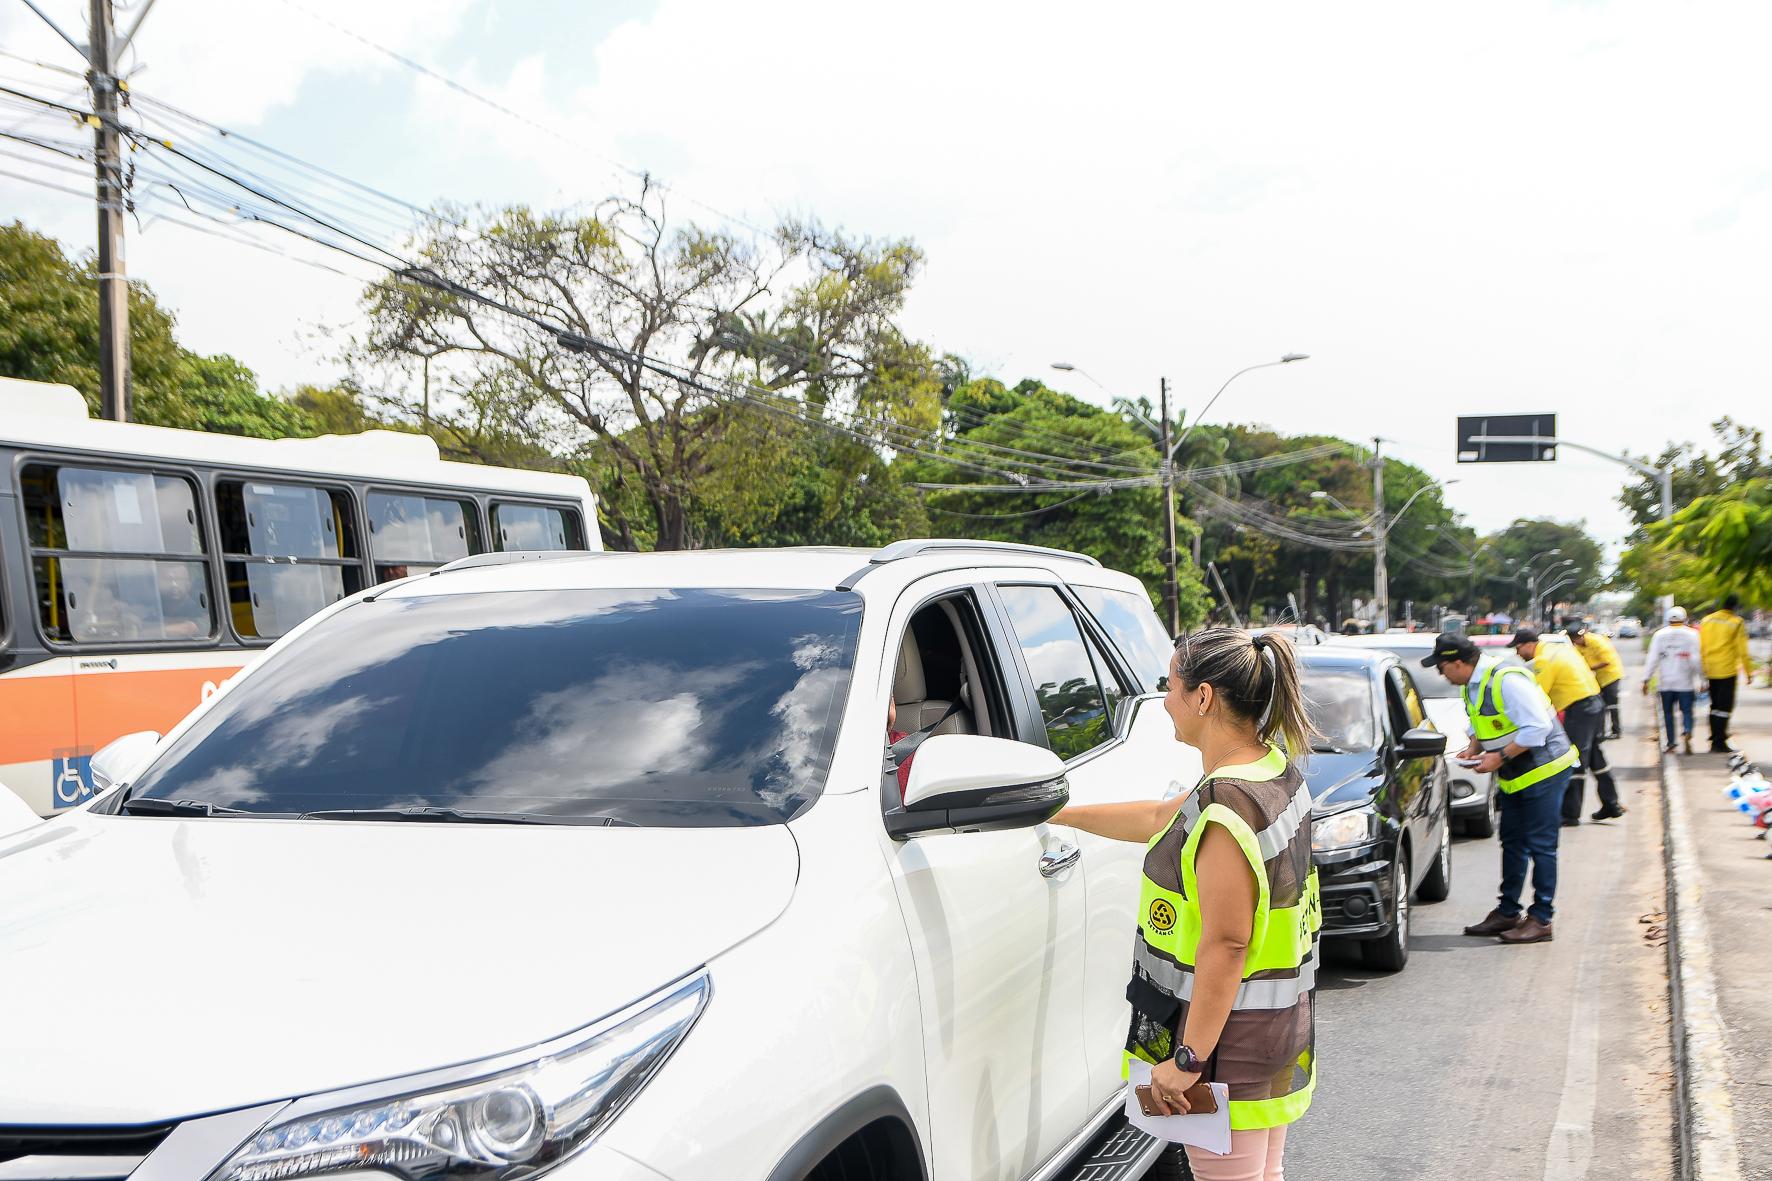 Detran-CE realiza abertura da Semana Nacional de Trânsito com ações na capital e interior